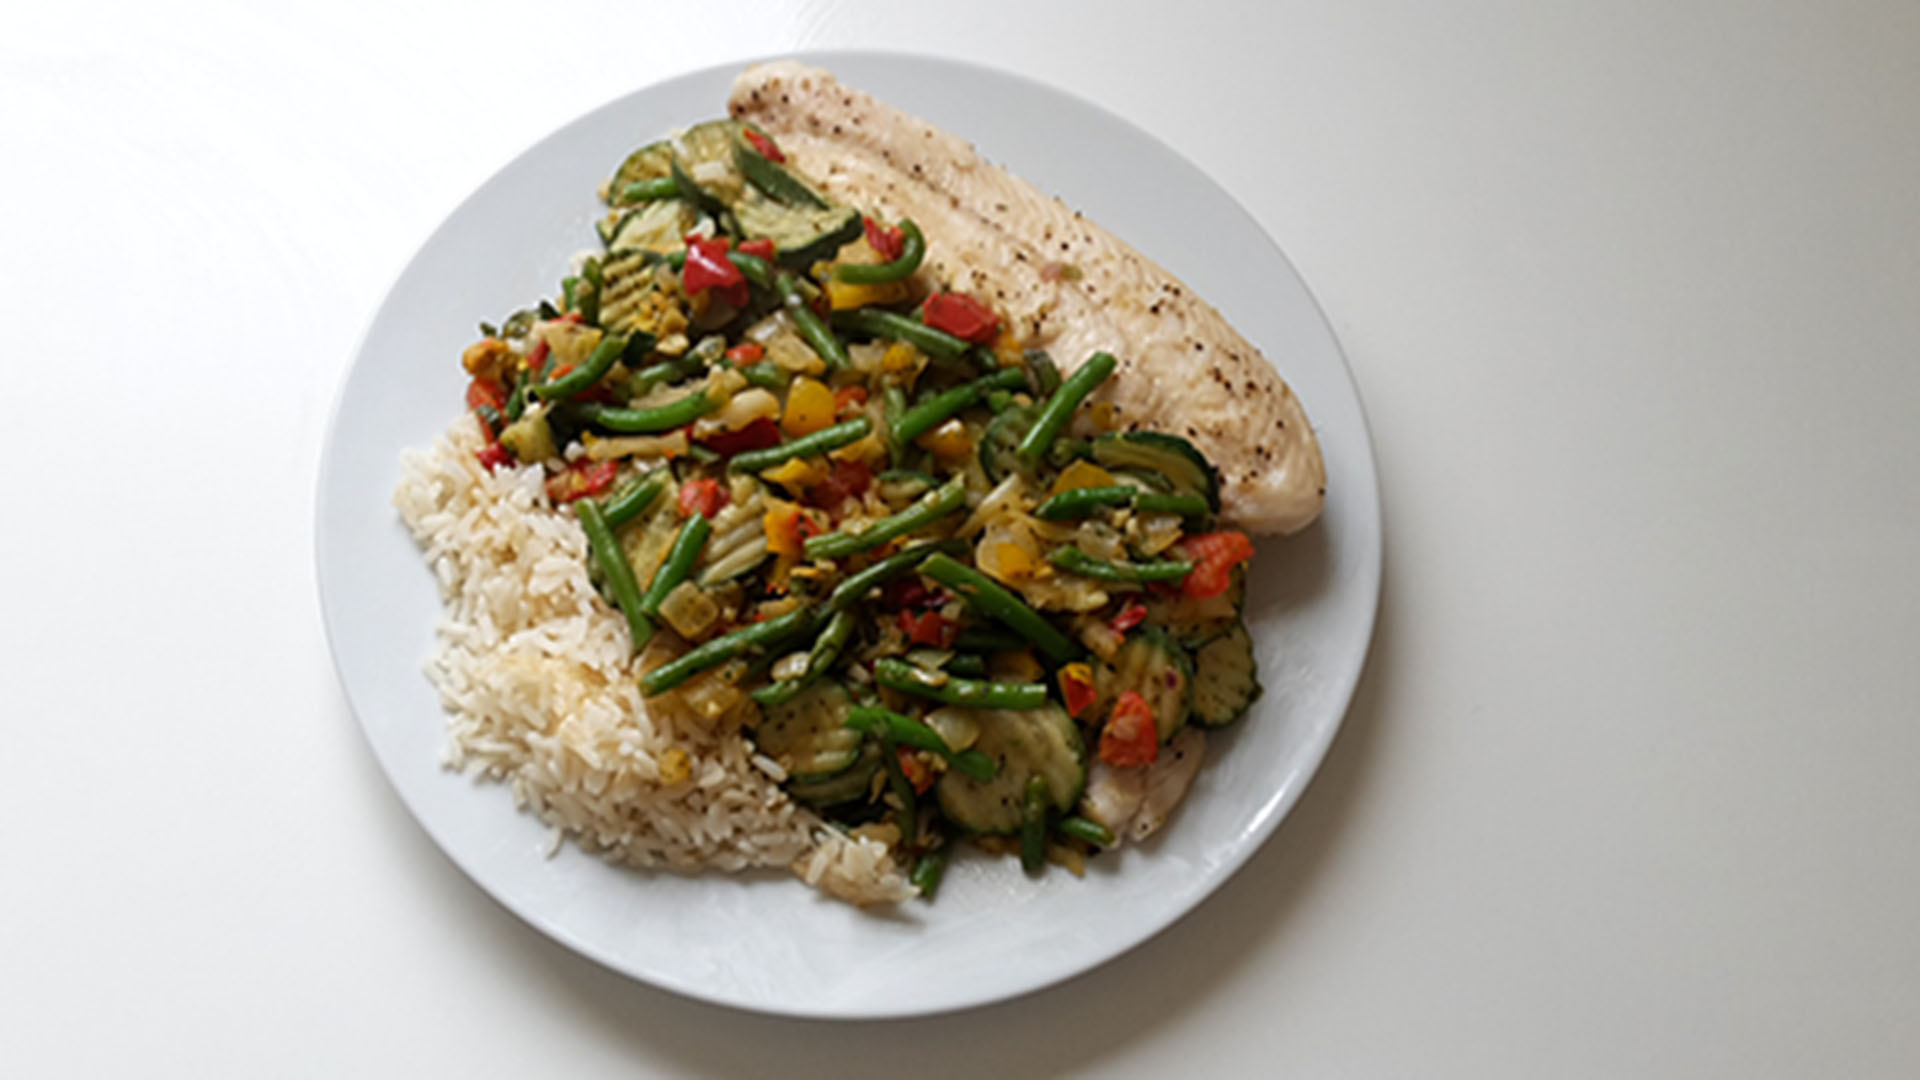 Pangasiusfilet mit Reis und Italienischem Gemüse (Rezept mit Bild) auf Kochen-verstehen.de